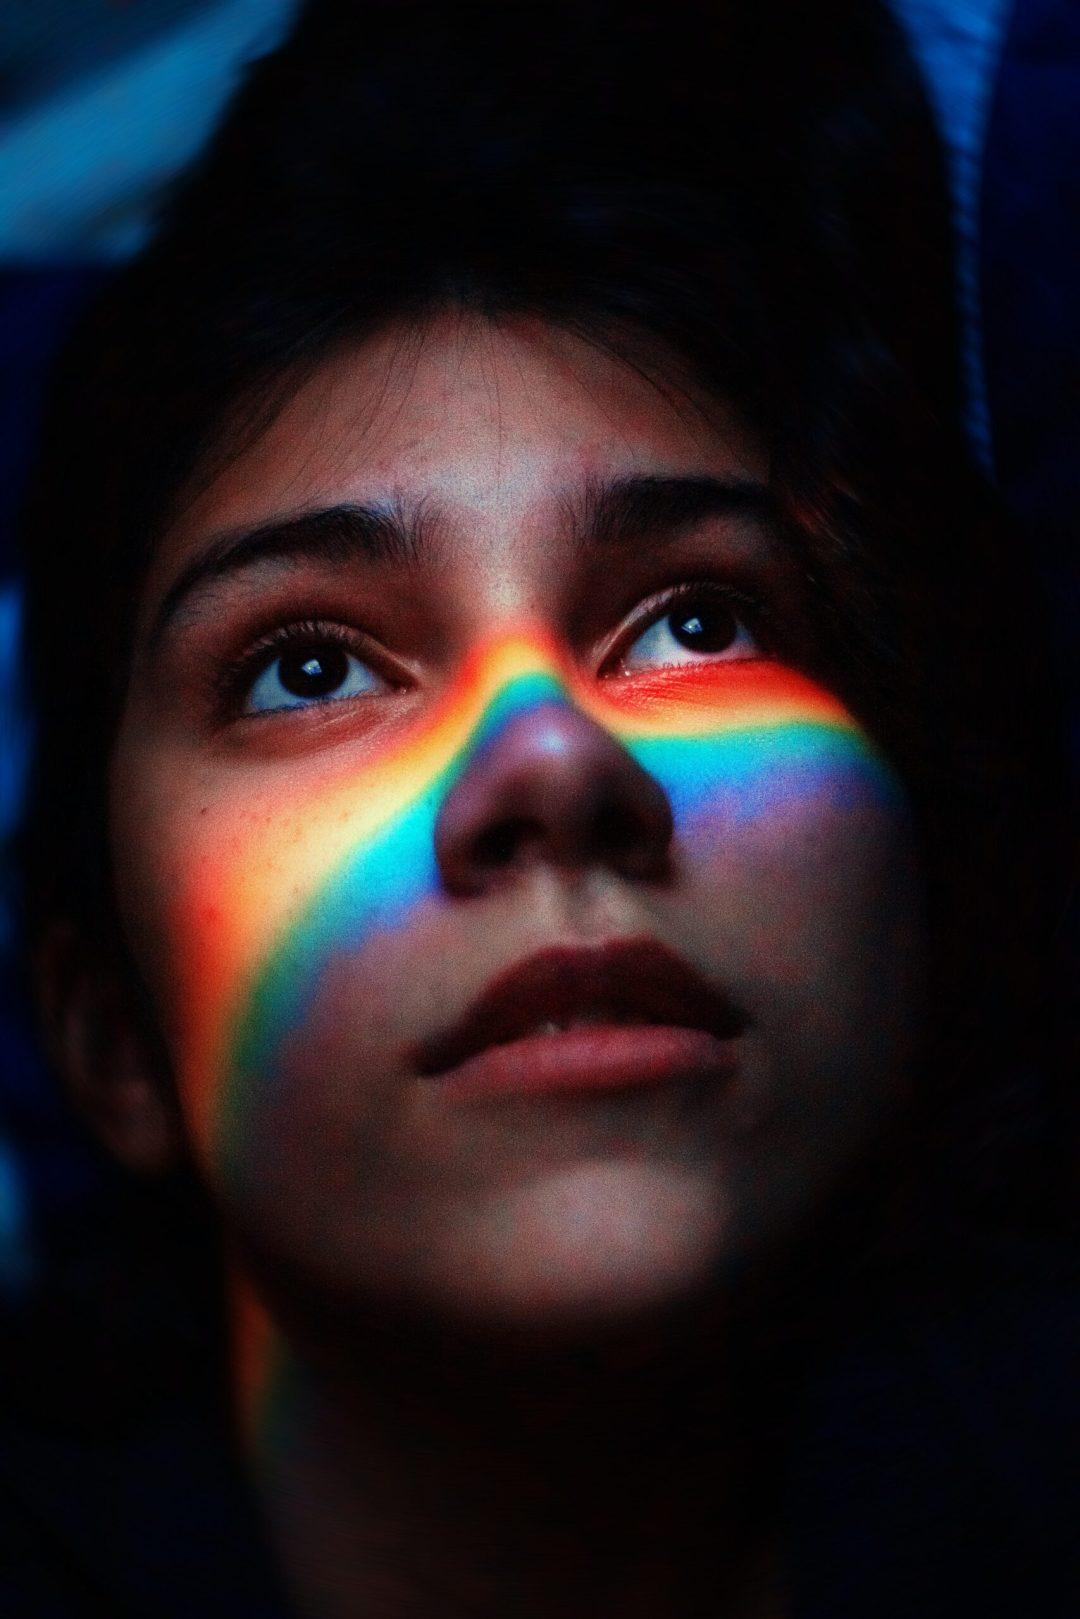 Femme Avec Lumière Arc En Ciel Reflétant Son Visage